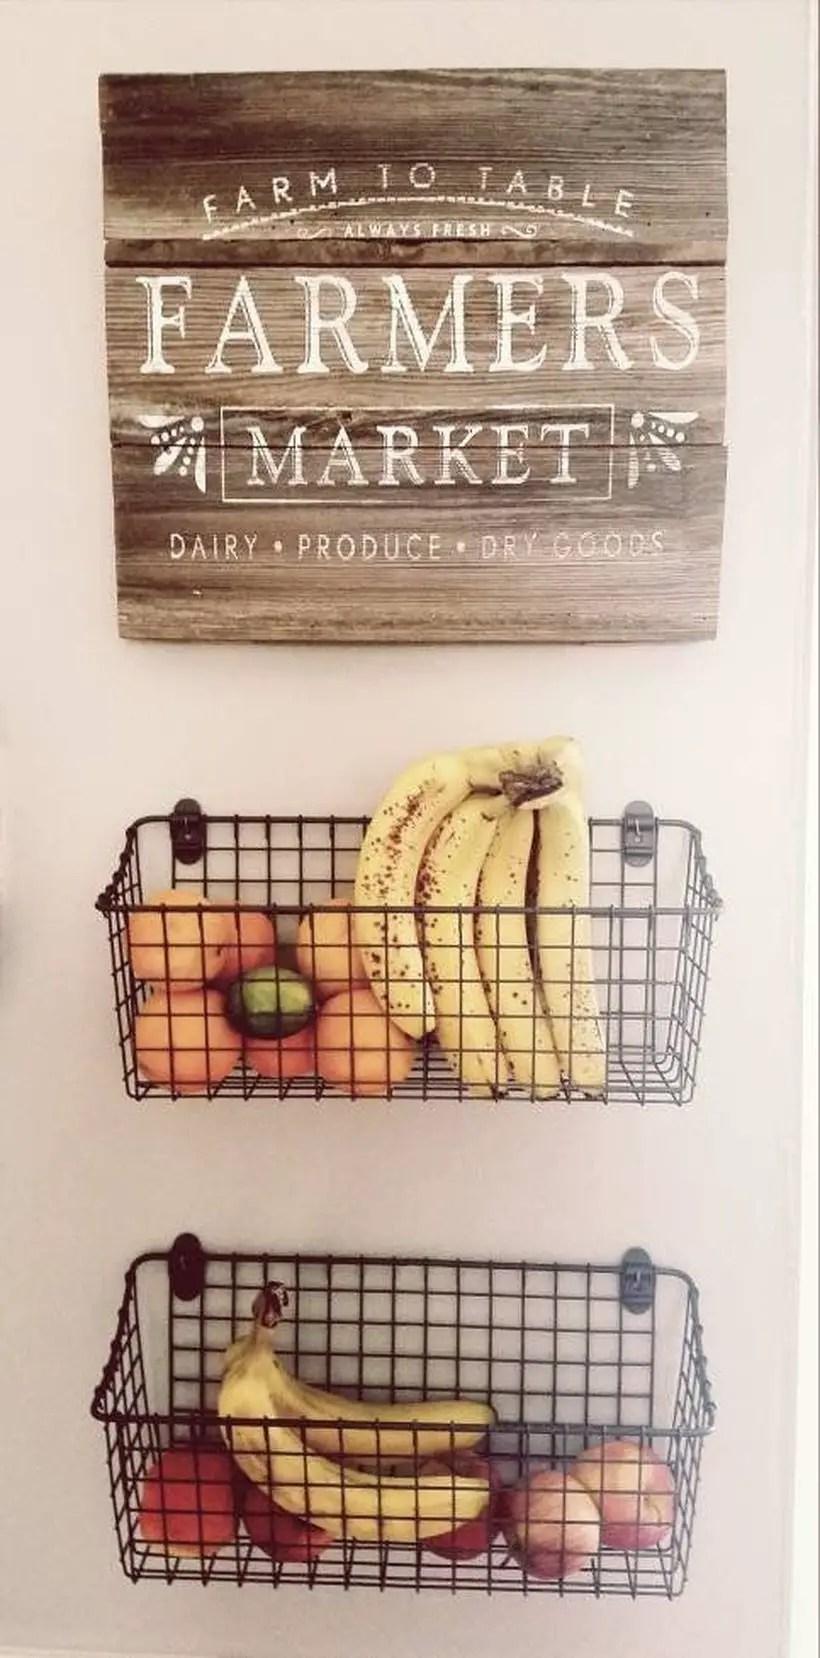 Hanging iron basket to store fruits